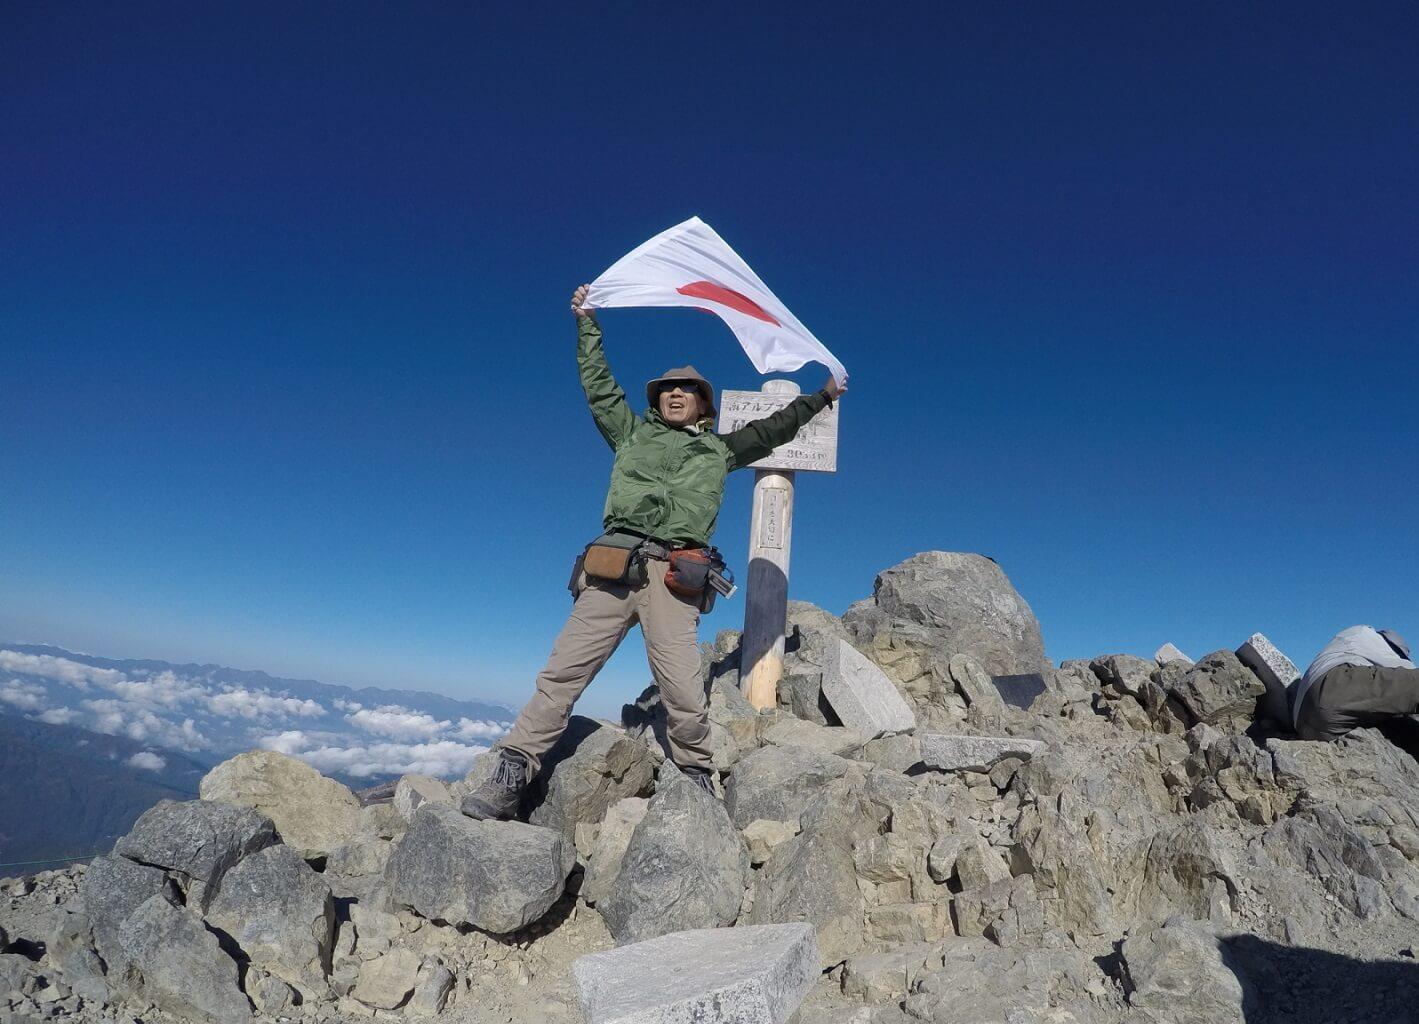 仙丈ヶ岳の山頂で日の丸掲揚